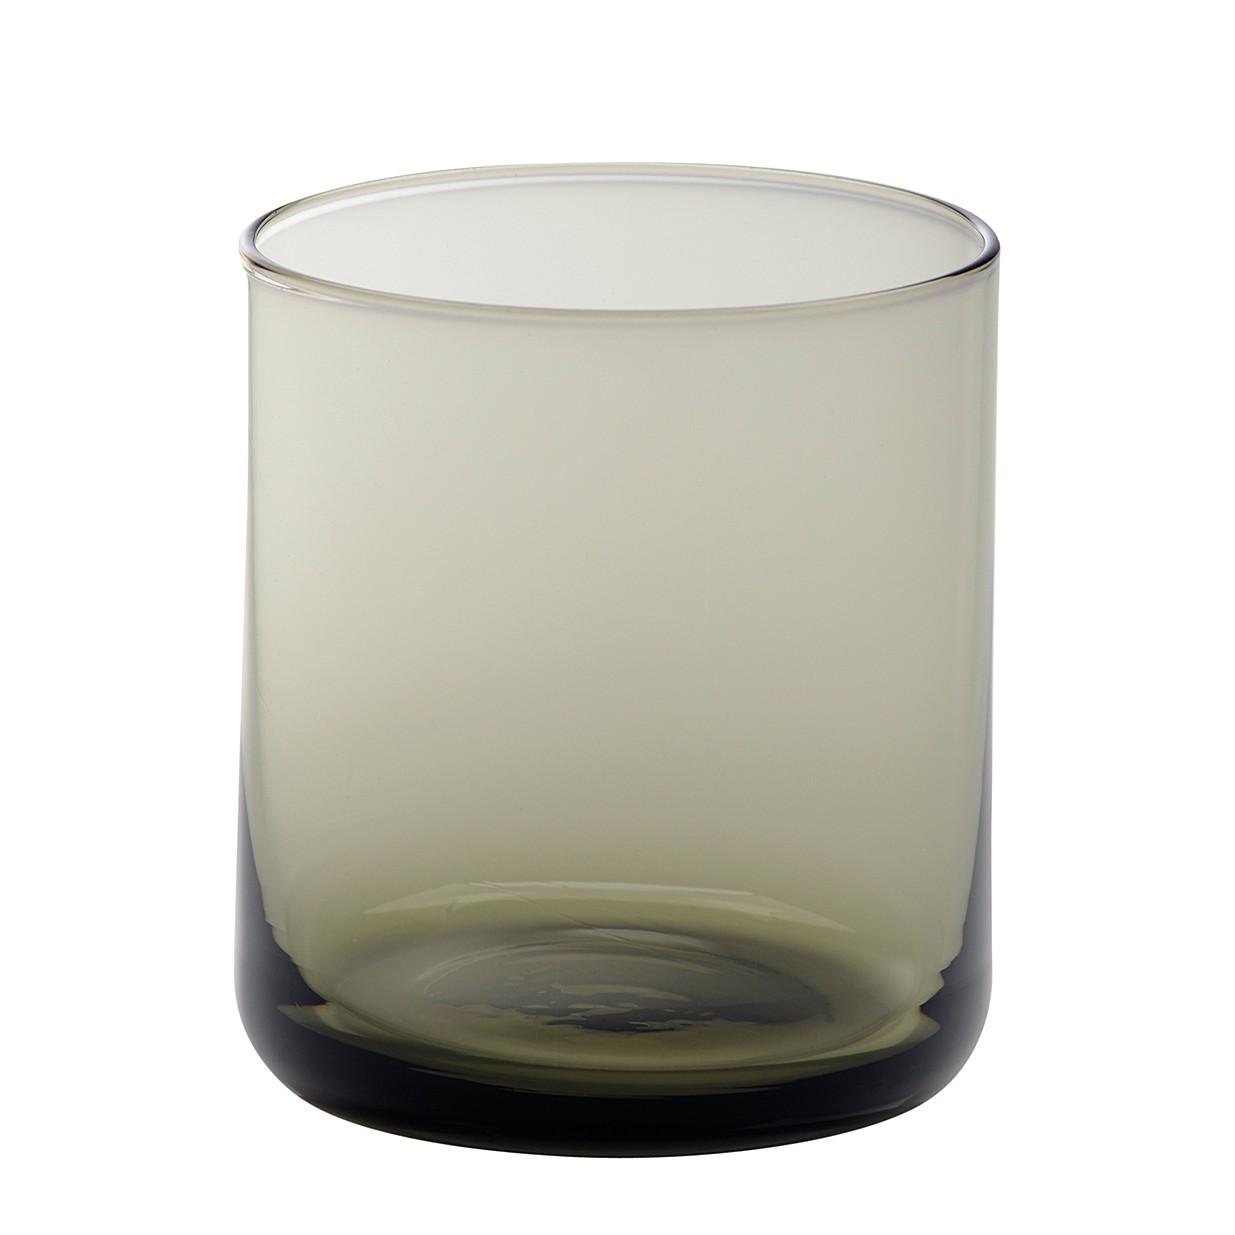 Trinkglas Bloom (6er-Set) – Glas – Grau, BITOSSI HOME online bestellen